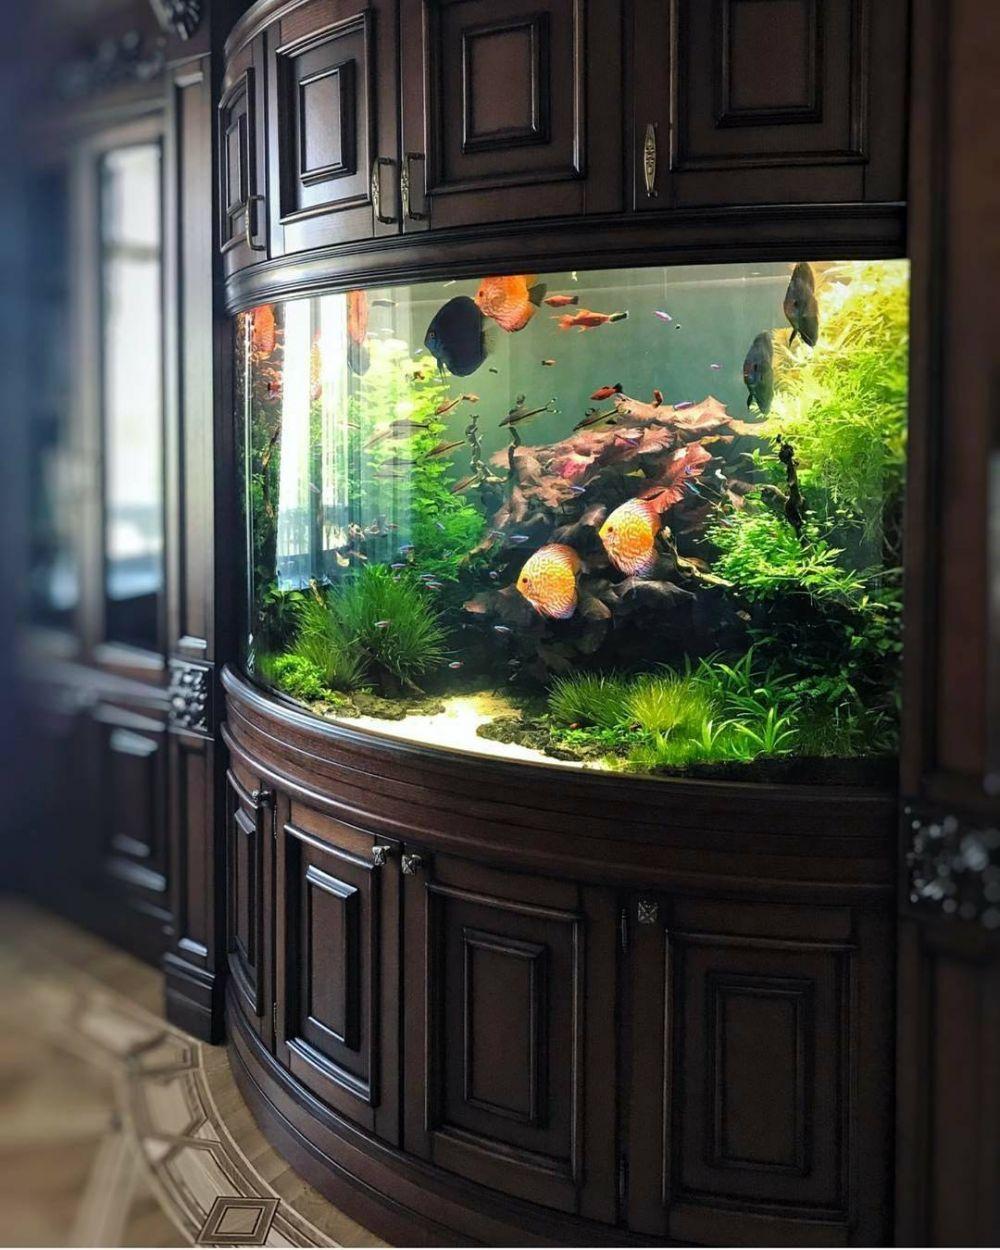 15 Stunning Aquarium Design Ideas For Indoor Decorations Maison Design